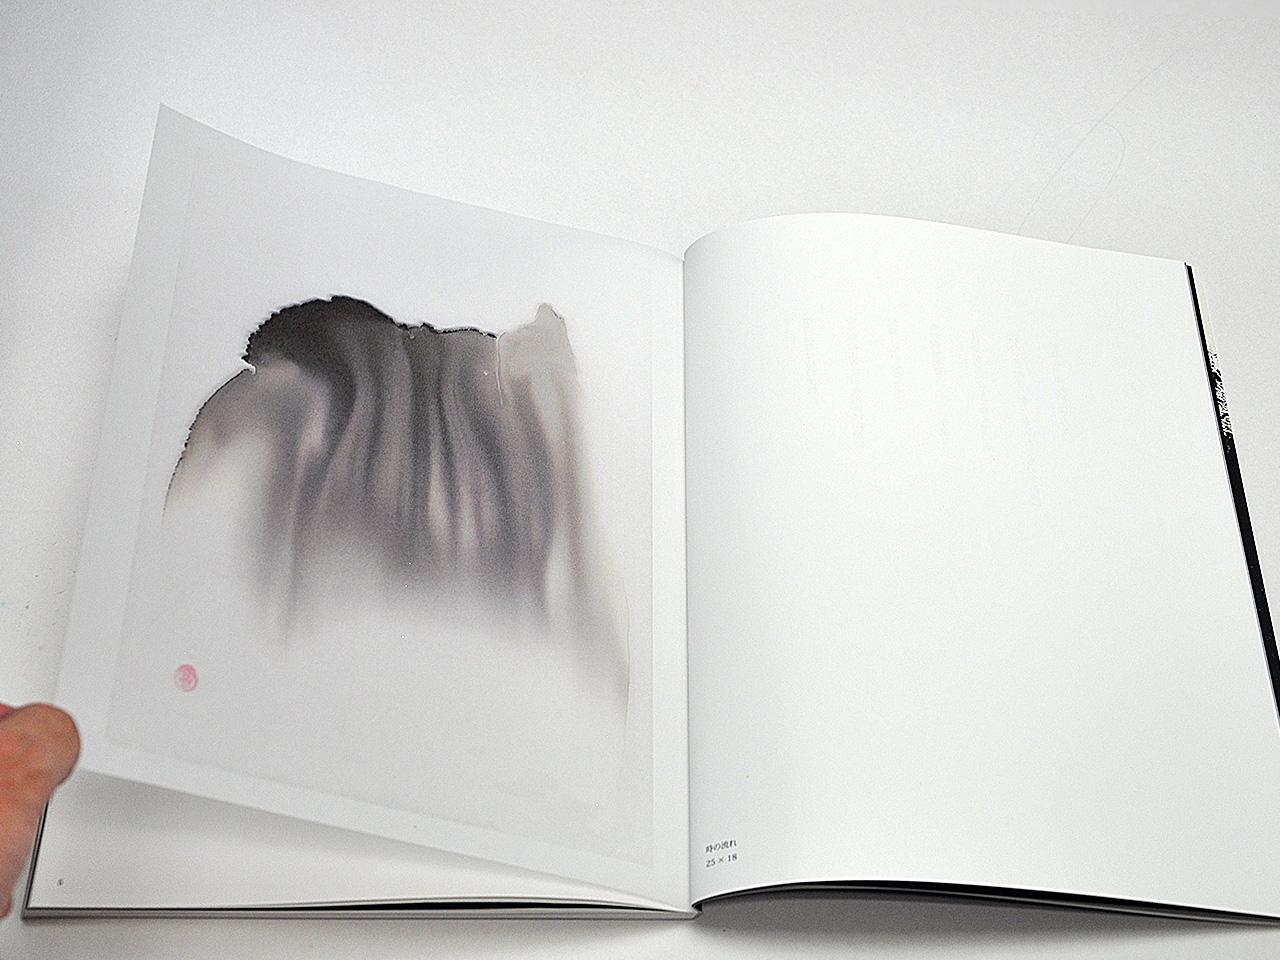 江見容子作品集「時の流れ」トレペページ